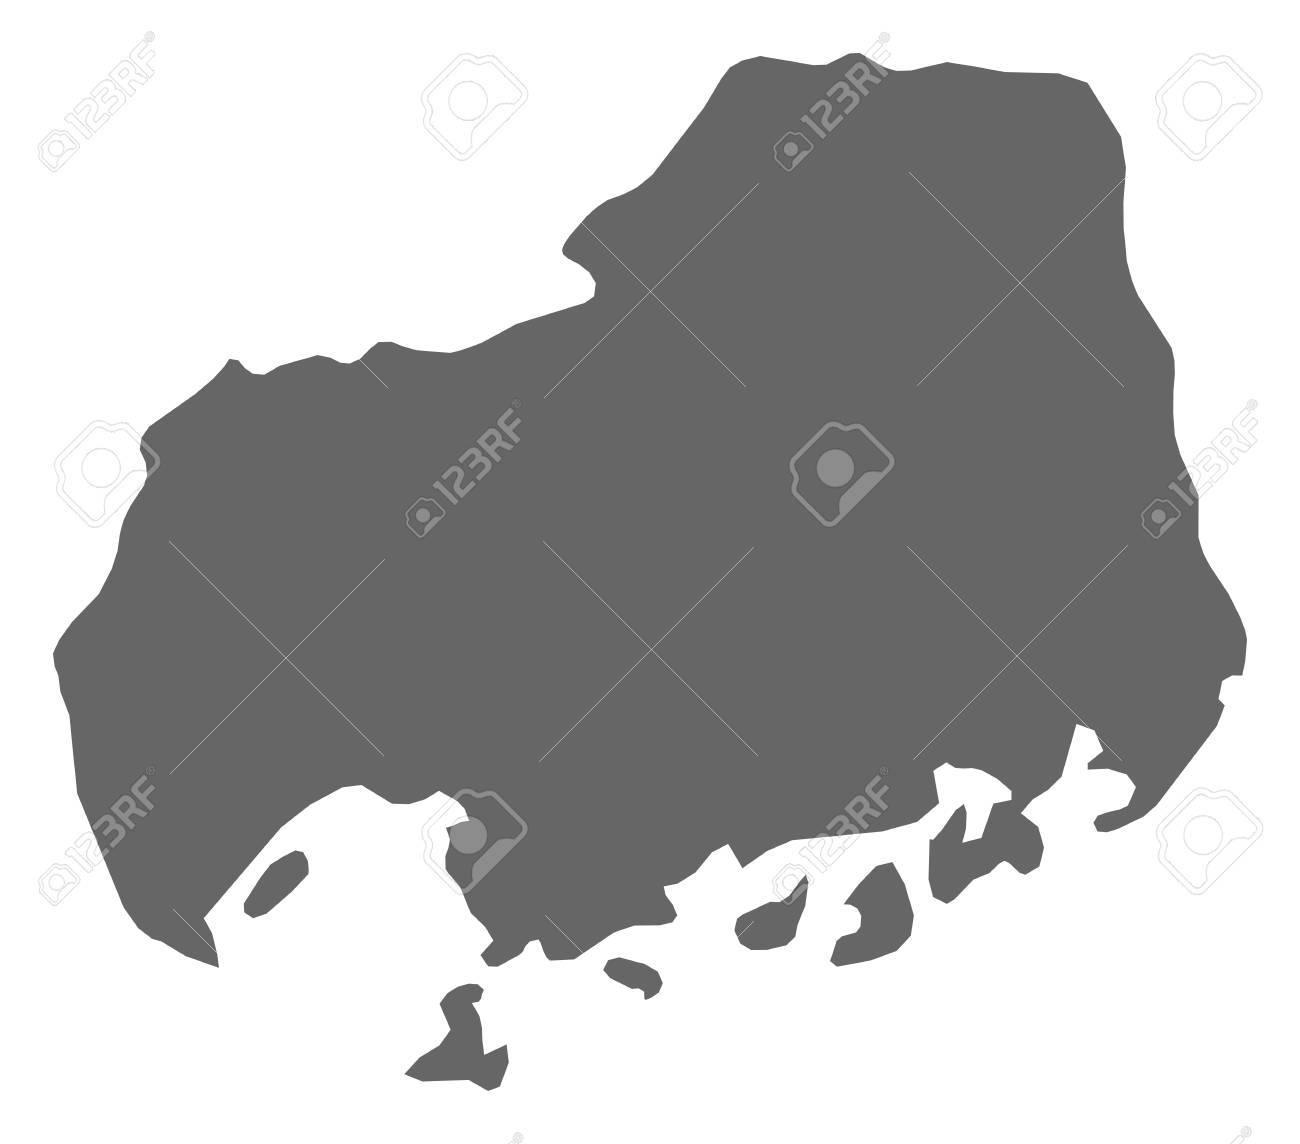 Hiroshima Map Of Japan.Map Of Hiroshima A Province Of Japan Royalty Free Cliparts